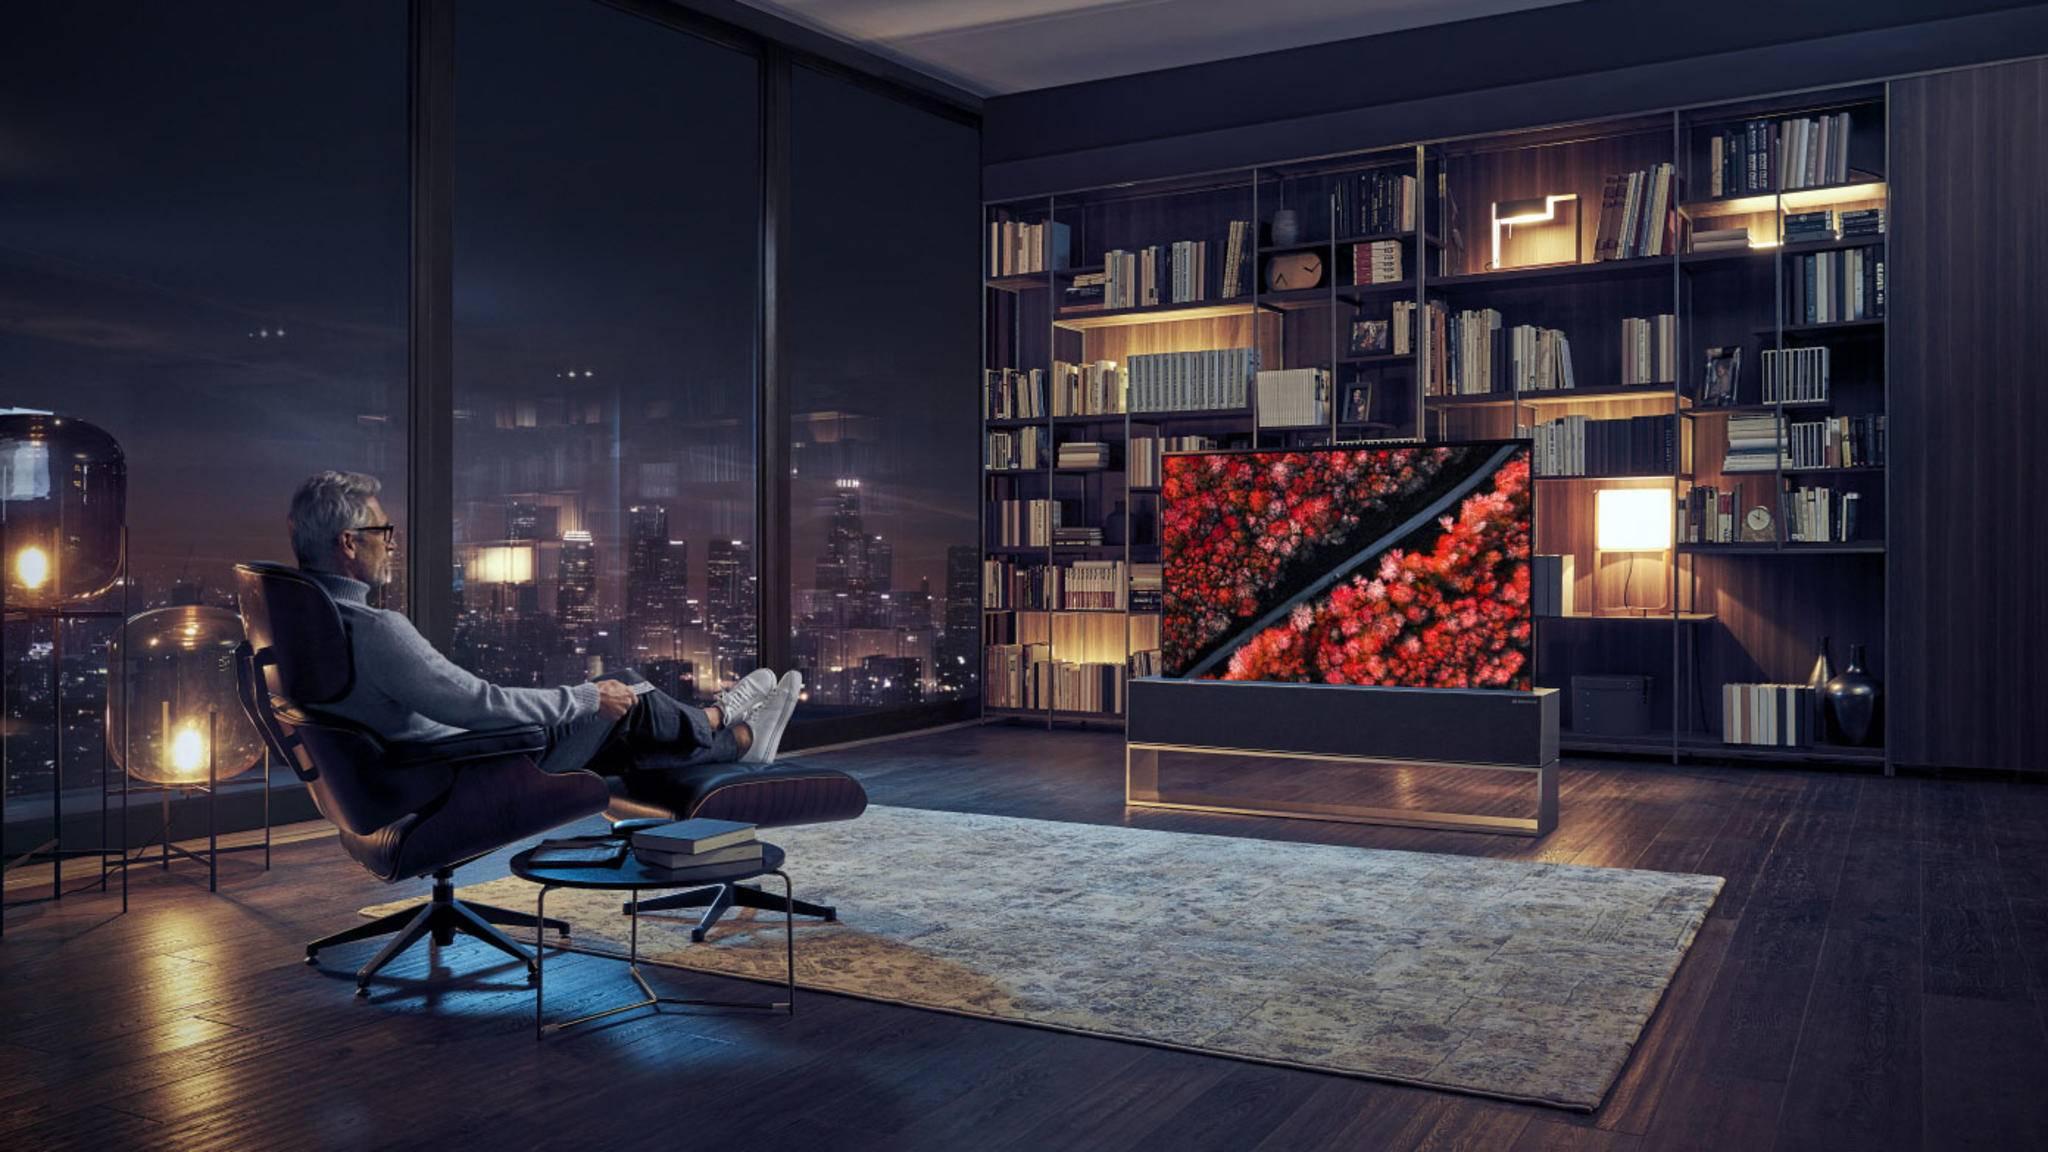 Lässt sich bei Bedarf einfach einrollen: Der neue OLED-TV von LG, der auf der CES 2019 für staunende Gesichter sorgte.